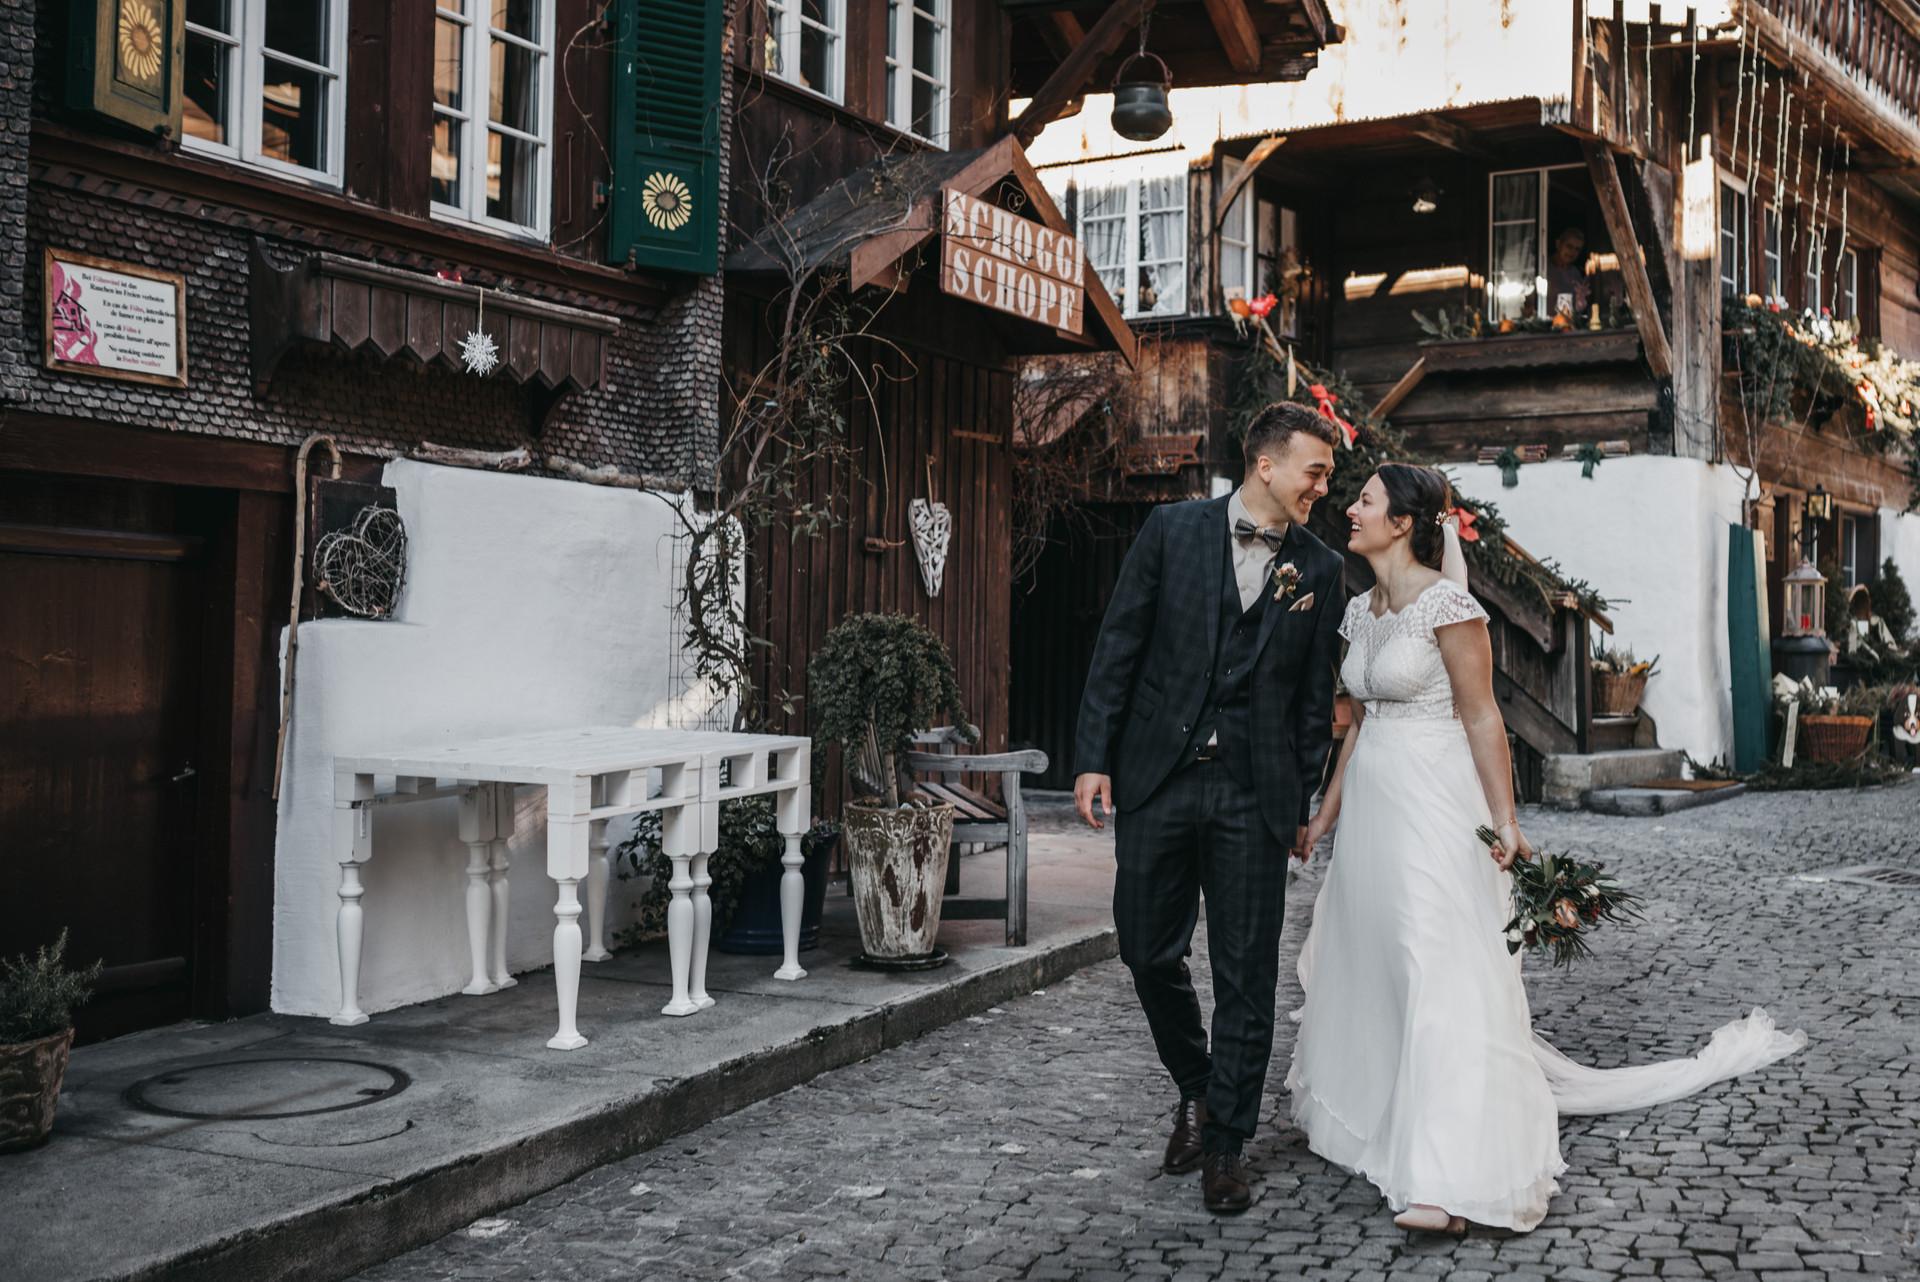 Hochzeitsfotografen-45.jpg